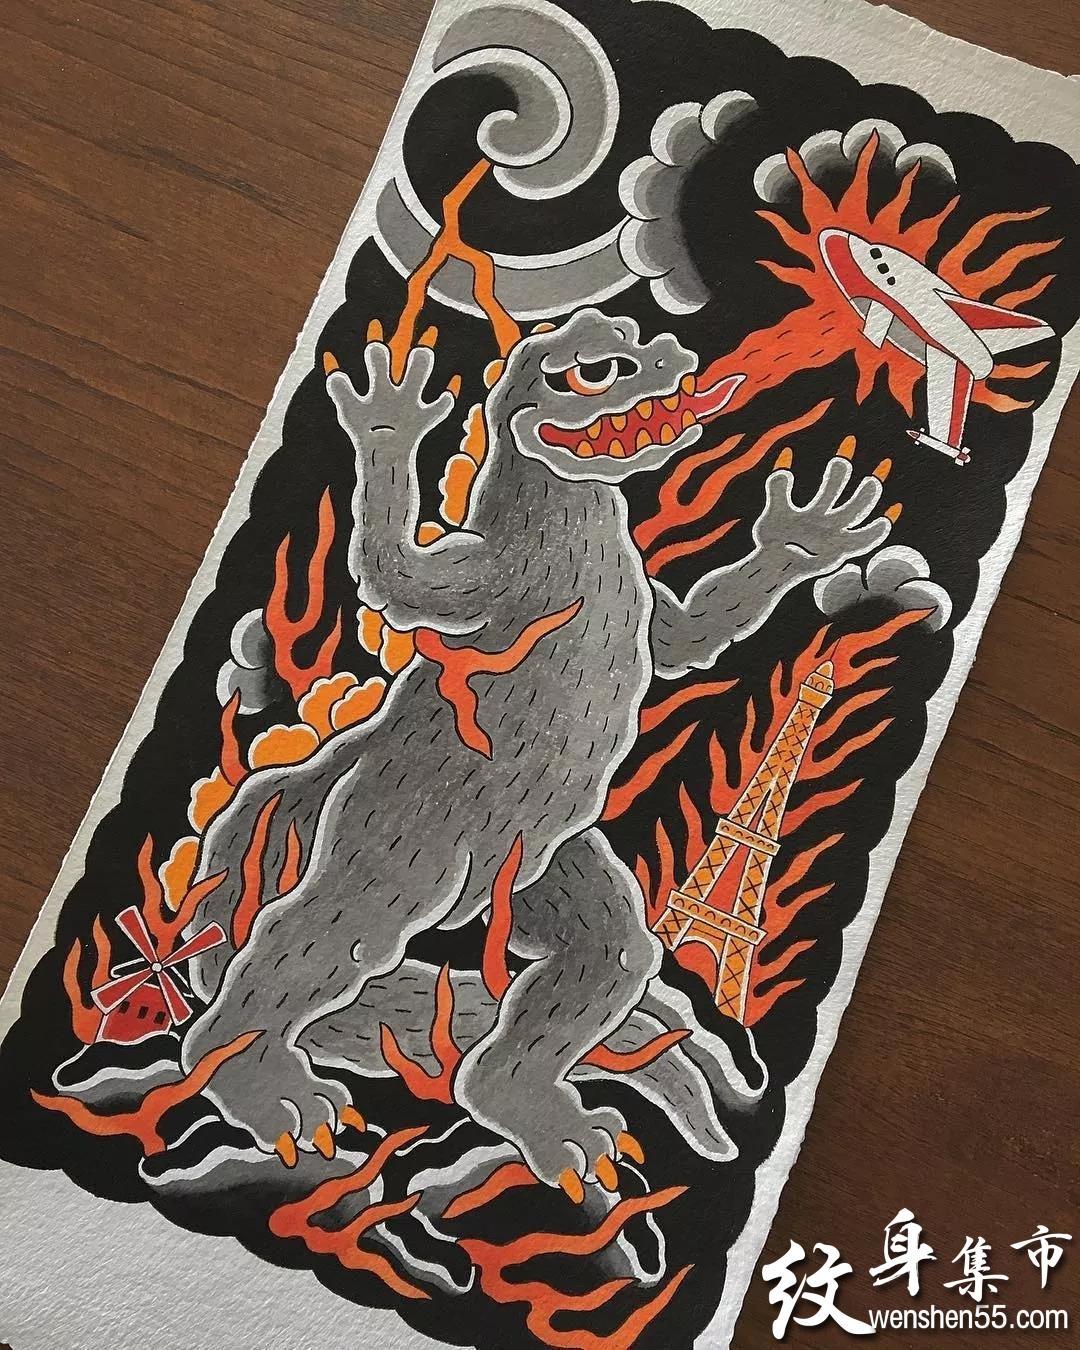 日式满背半甲纹身,日式纹身手稿,日式纹身手稿图案